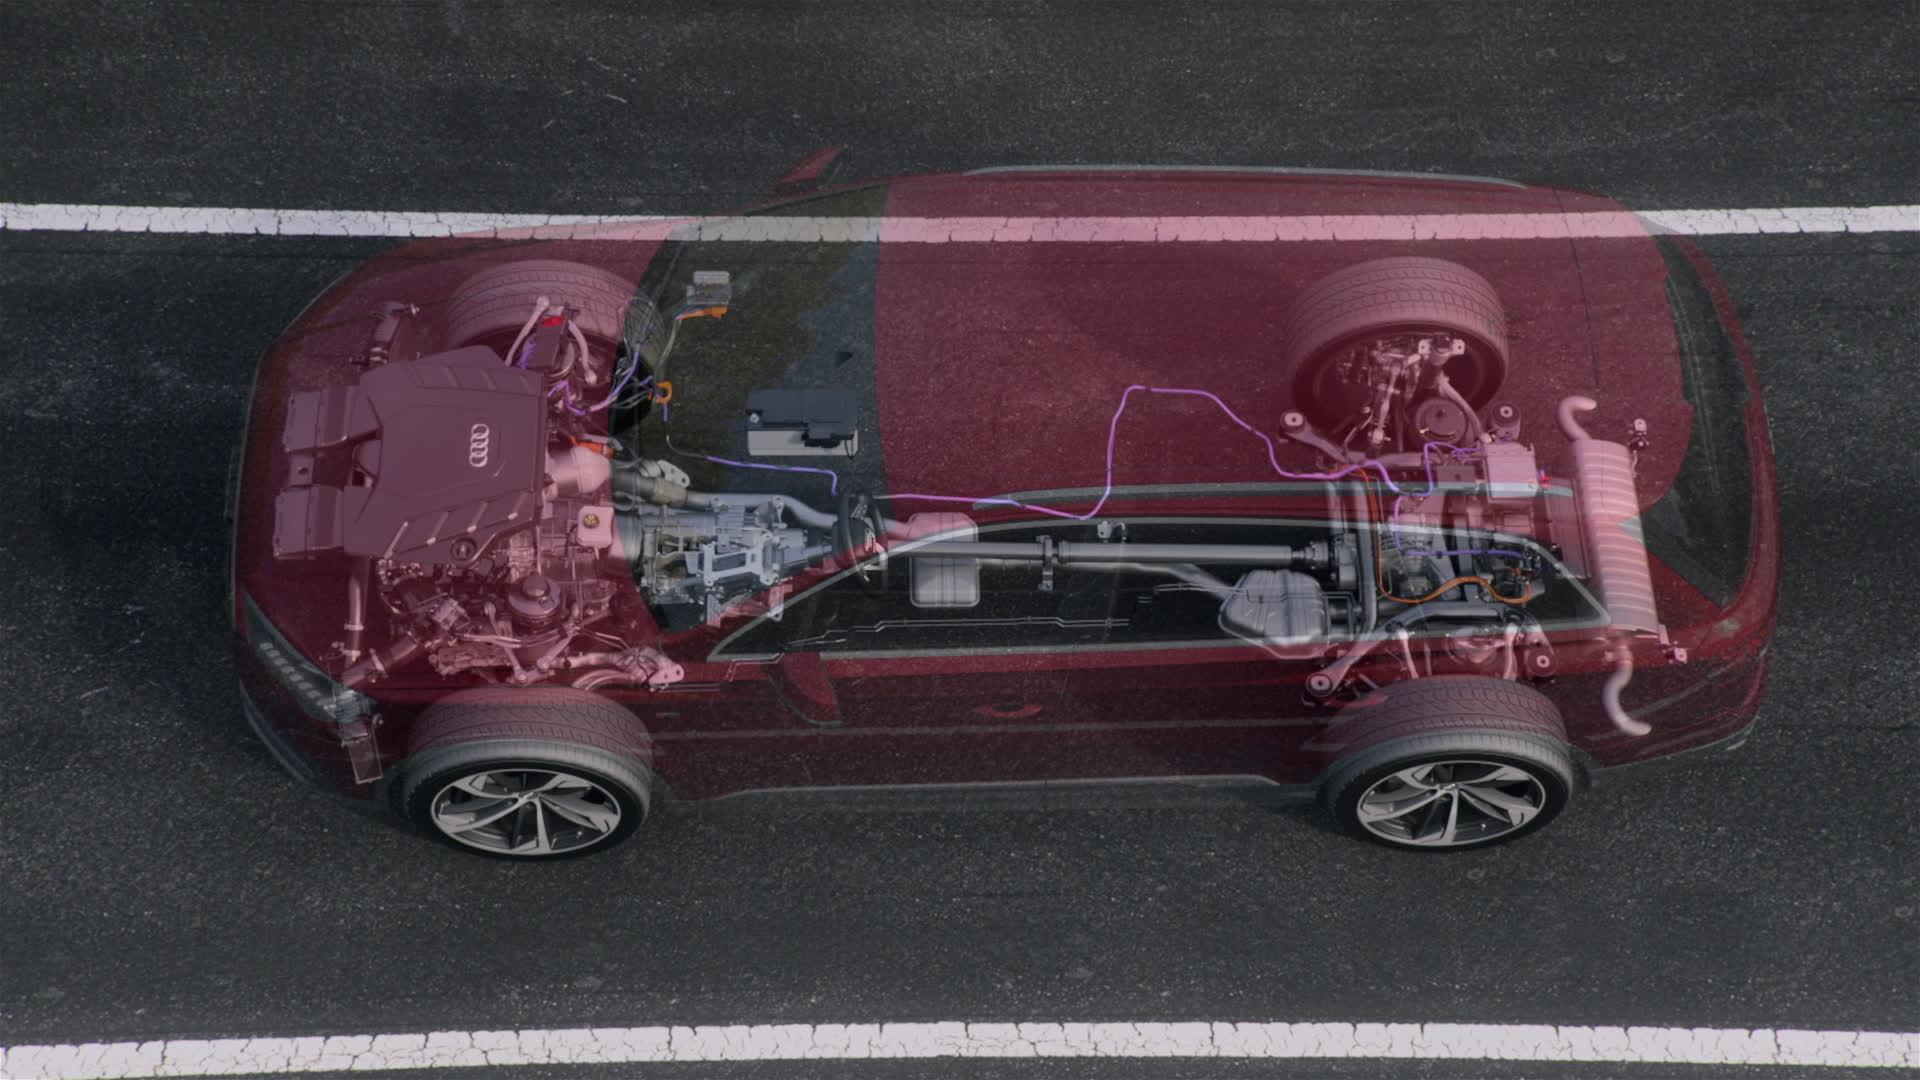 Audi Q7 Mild-Hybrid-System 48V (Animation)